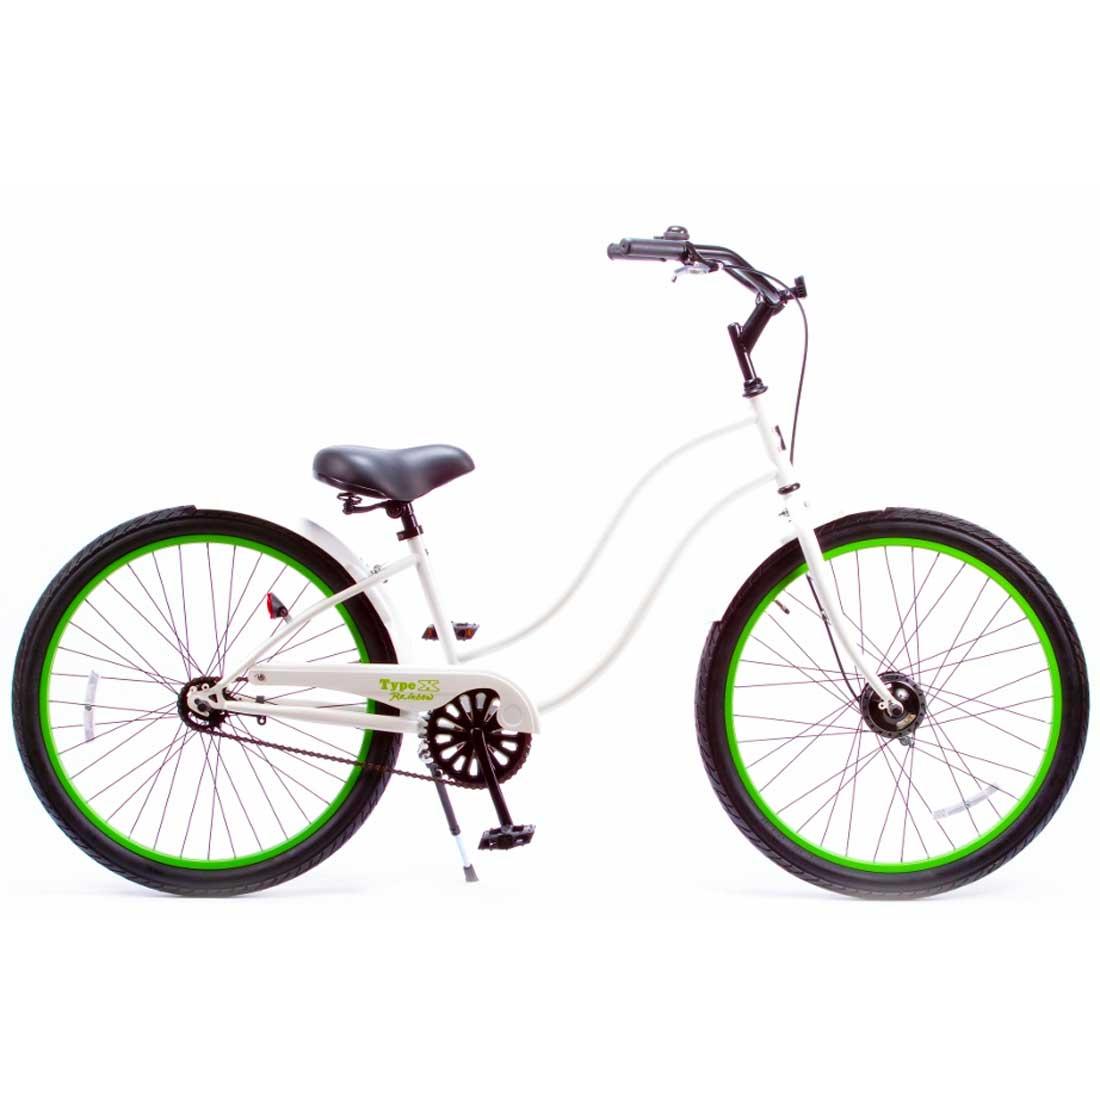 ビーチクルーザー 26インチ おしゃれ 自転車 通勤 通学 レインボービーチクルーザー 26TYPE-X-LADY グロスホワイト×ライムリム メンズ レディース